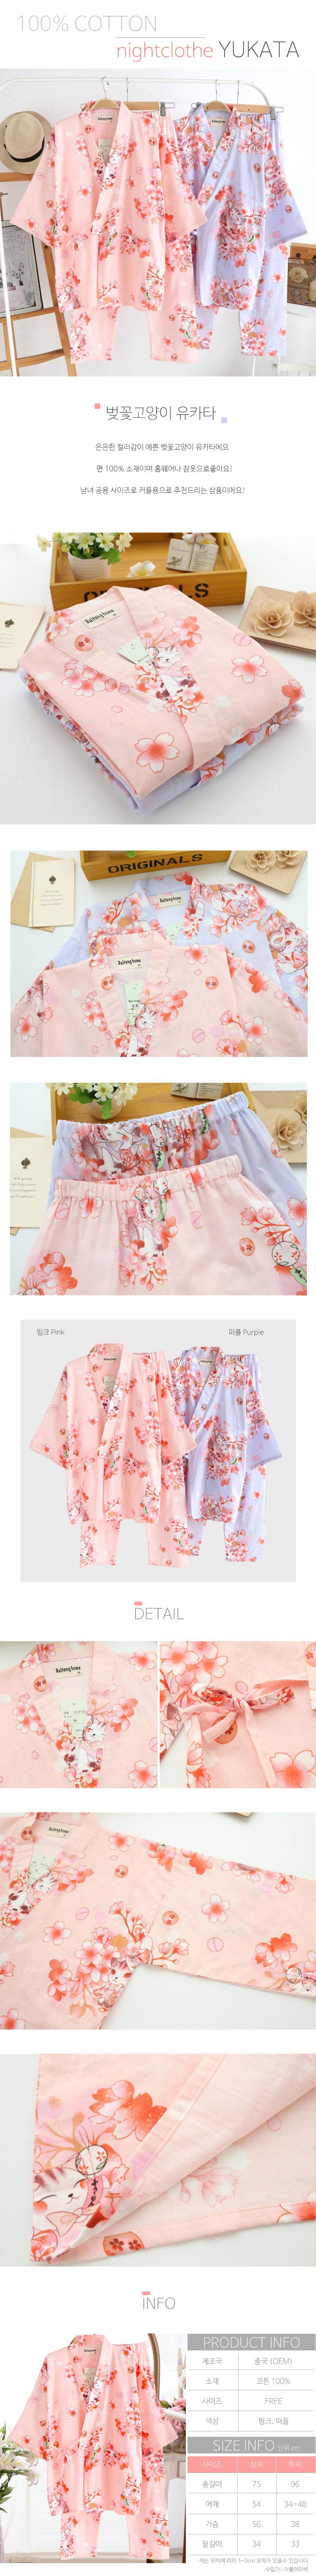 벚꽃고양이 유카타 투피스 - 투교샵, 23,000원, 홈웨어, 여성홈웨어